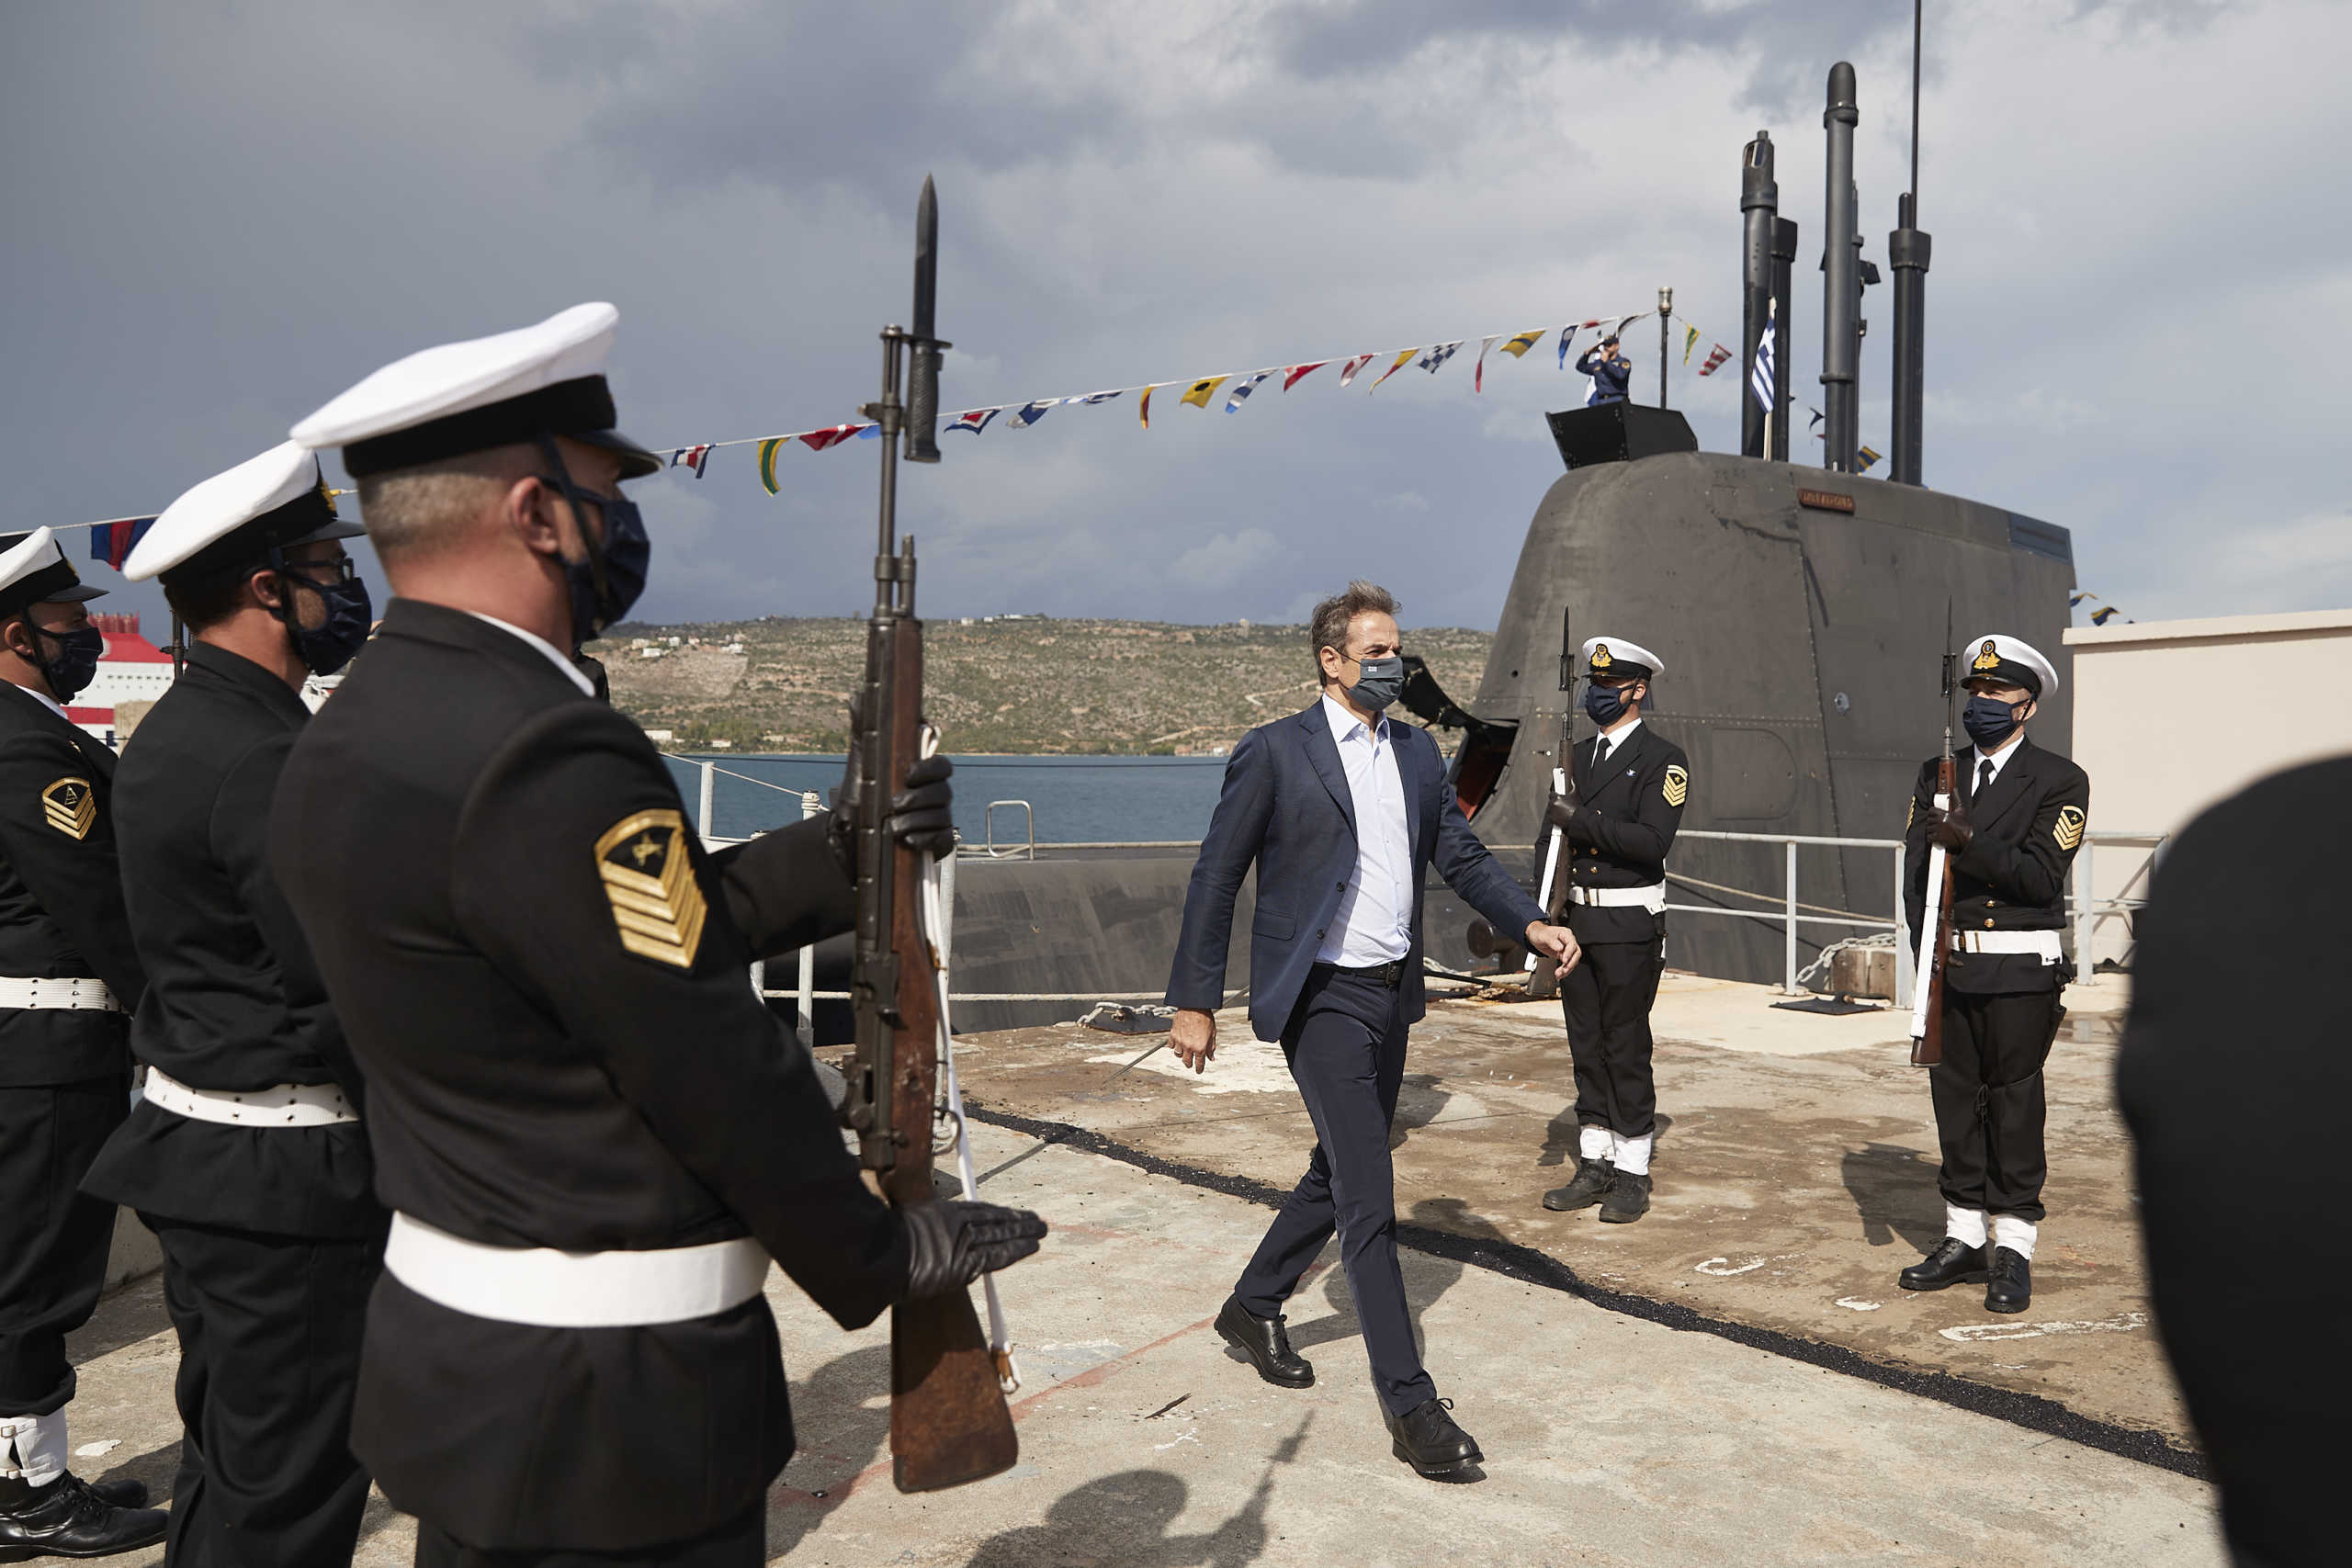 """Στο υποβρύχιο """"Κατσώνης"""" ο Κυριάκος Μητσοτάκης – Το μήνυμα για την 28η Οκτωβρίου (pics, video)"""